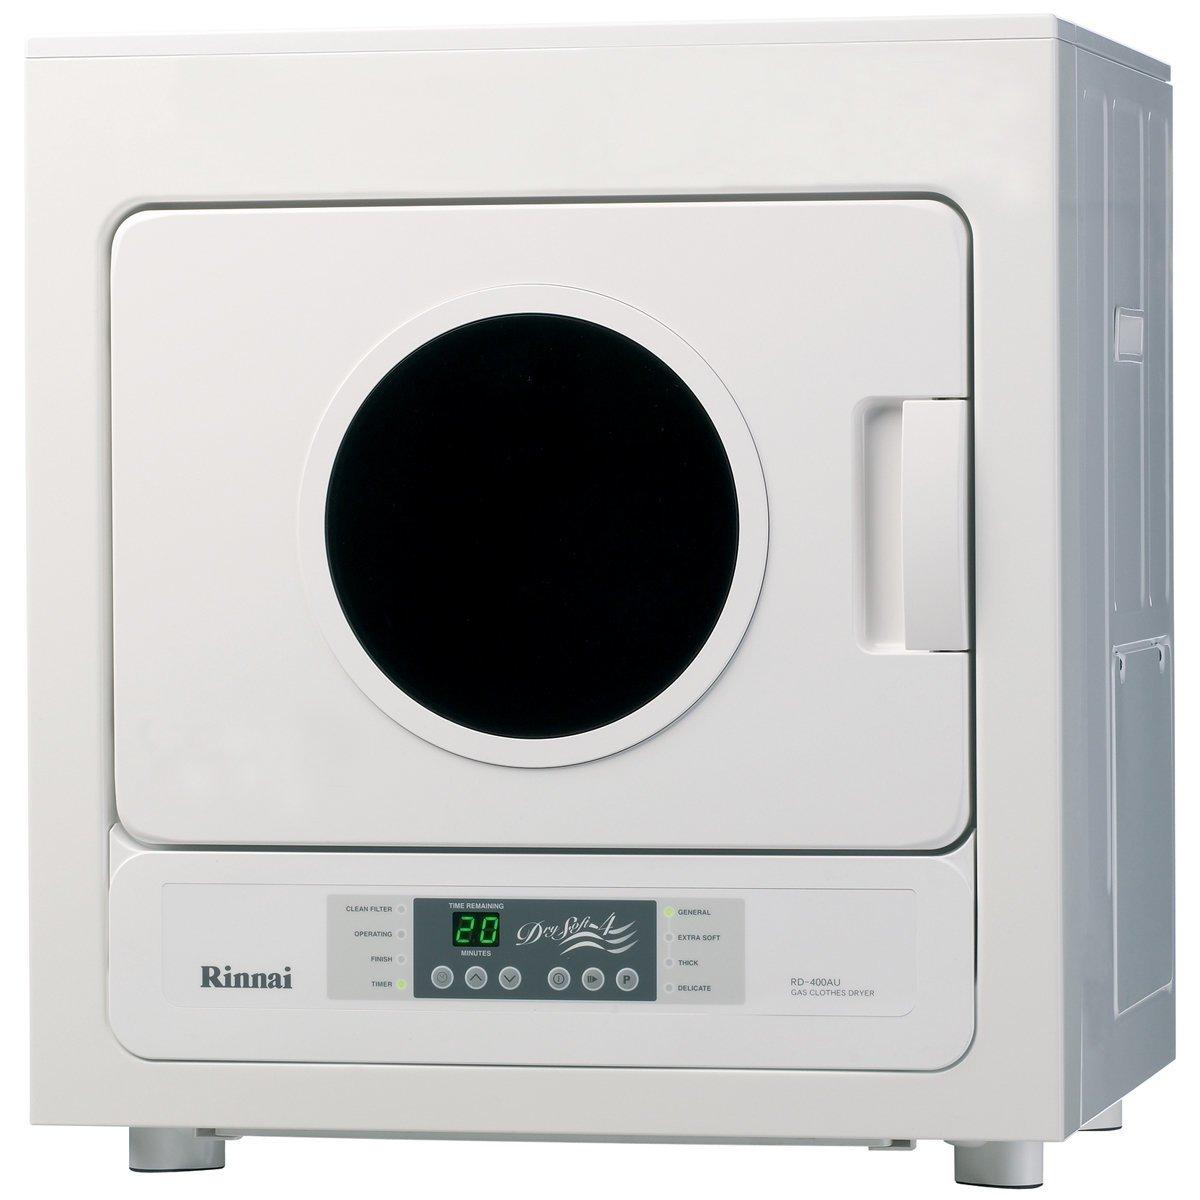 4kg clothes dryers appliances online